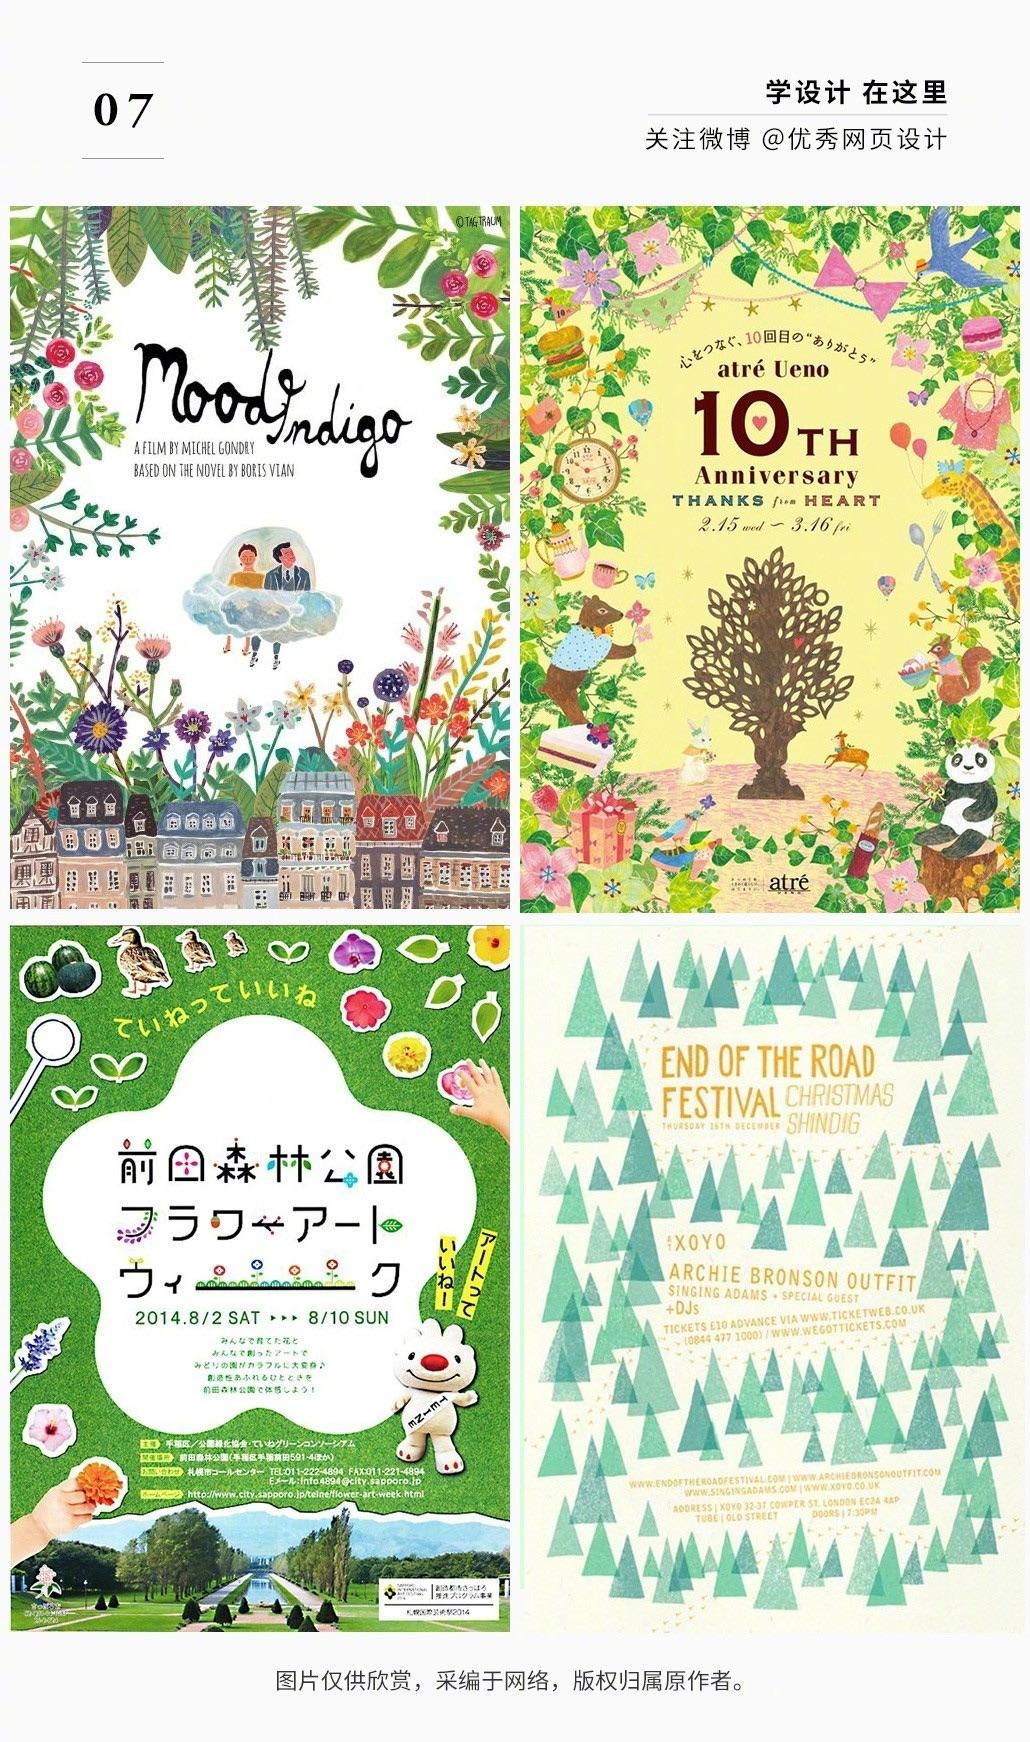 插画海报中森林的正确使用方式